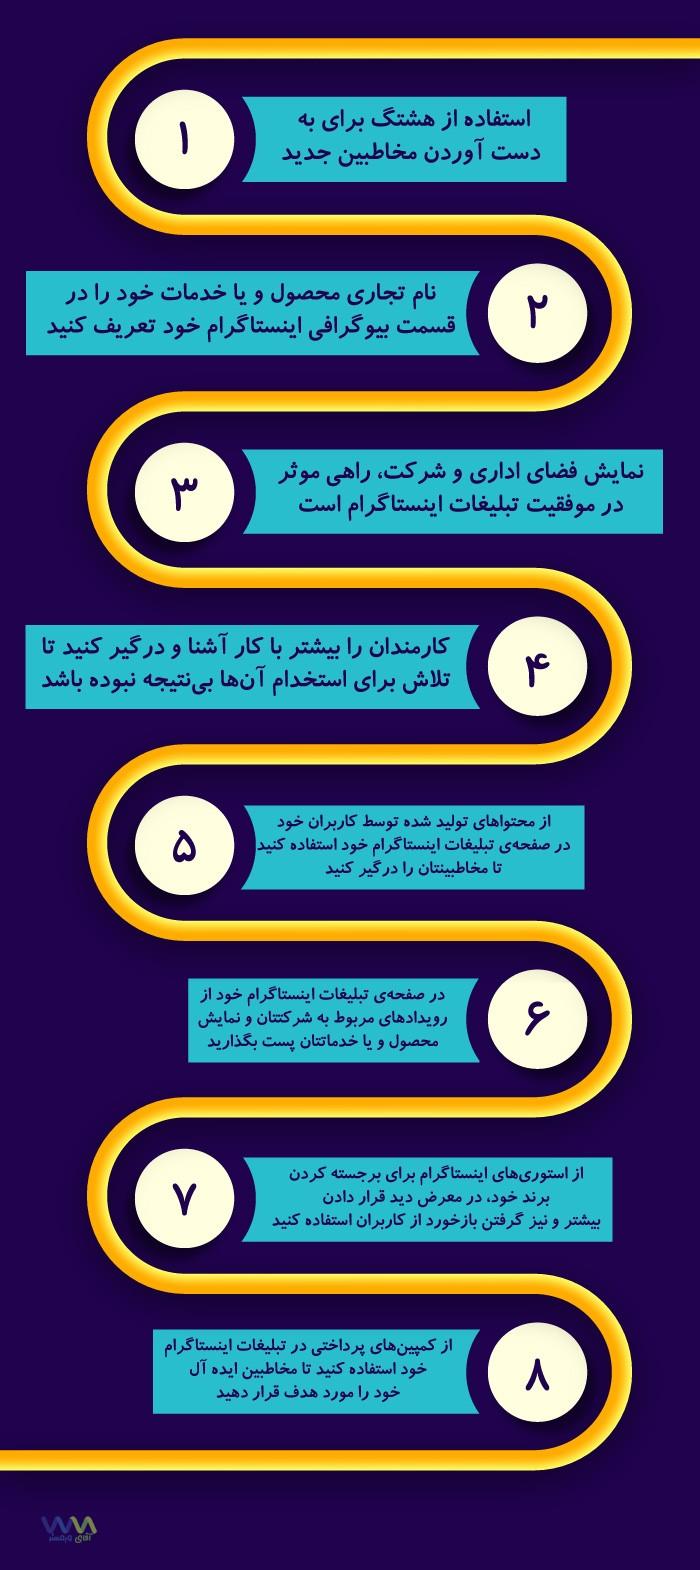 تبلیغات اینستاگرام برای شرکت ها